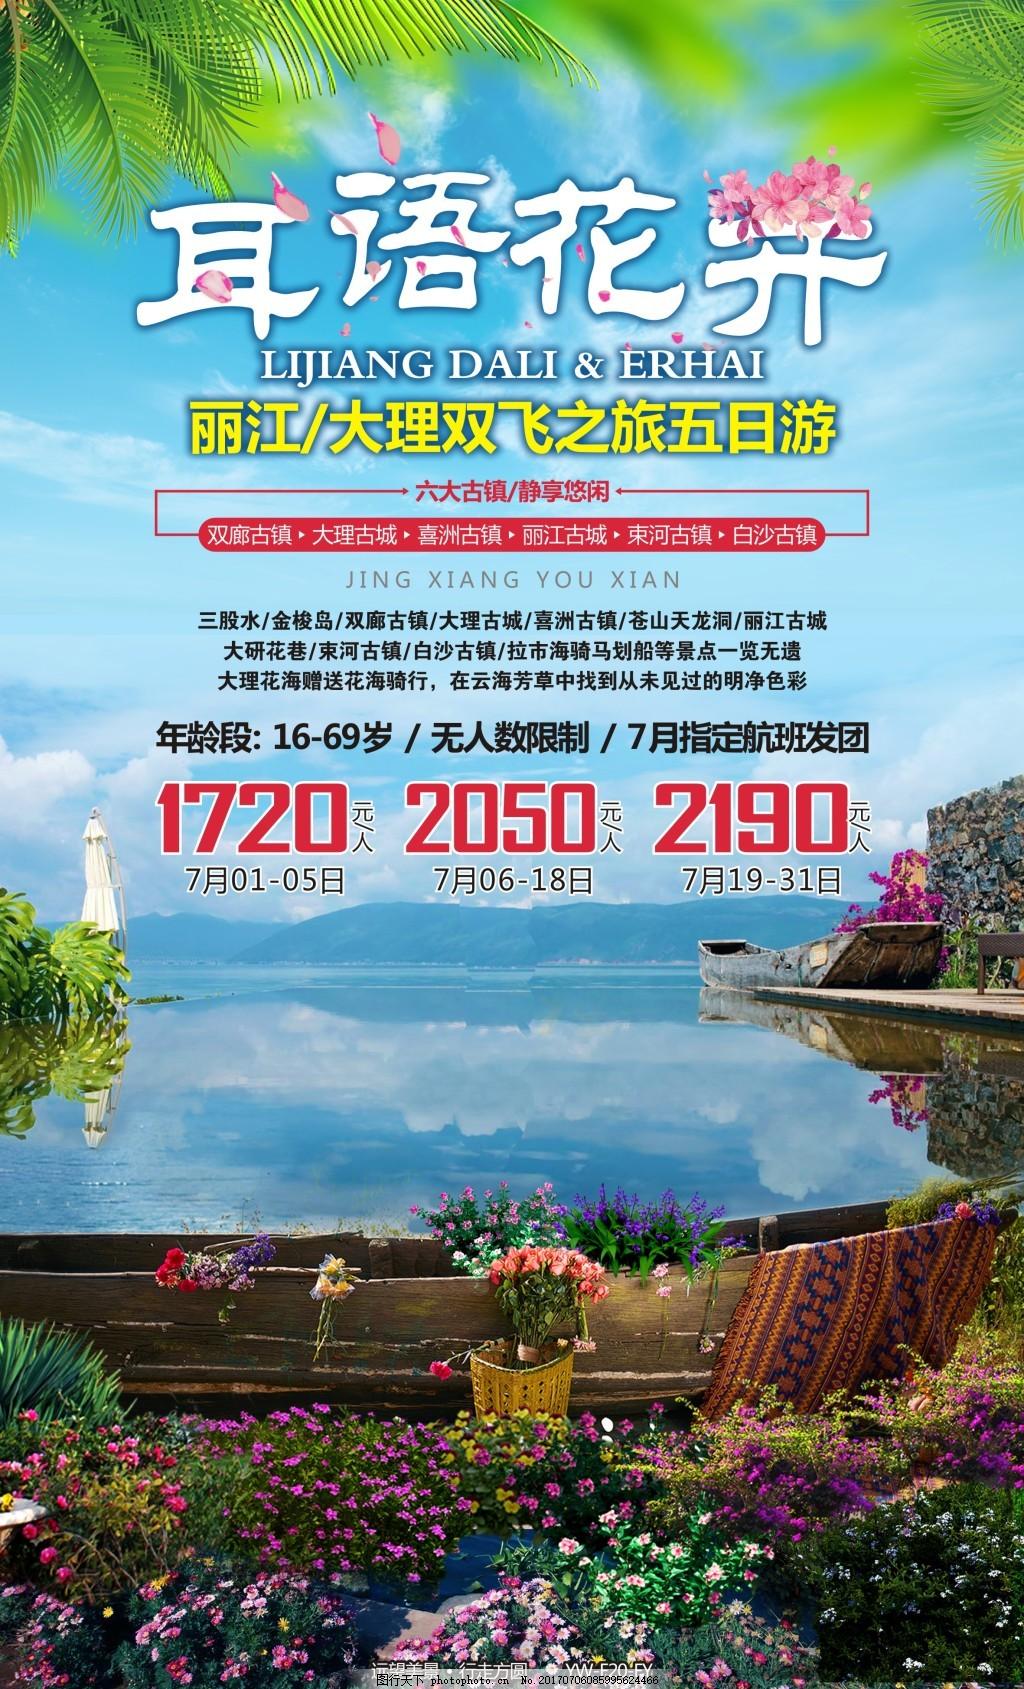 旅游宣传海报 昆明 大理 洱海 旅游广告 旅游宣传图 摄影 丽江古镇